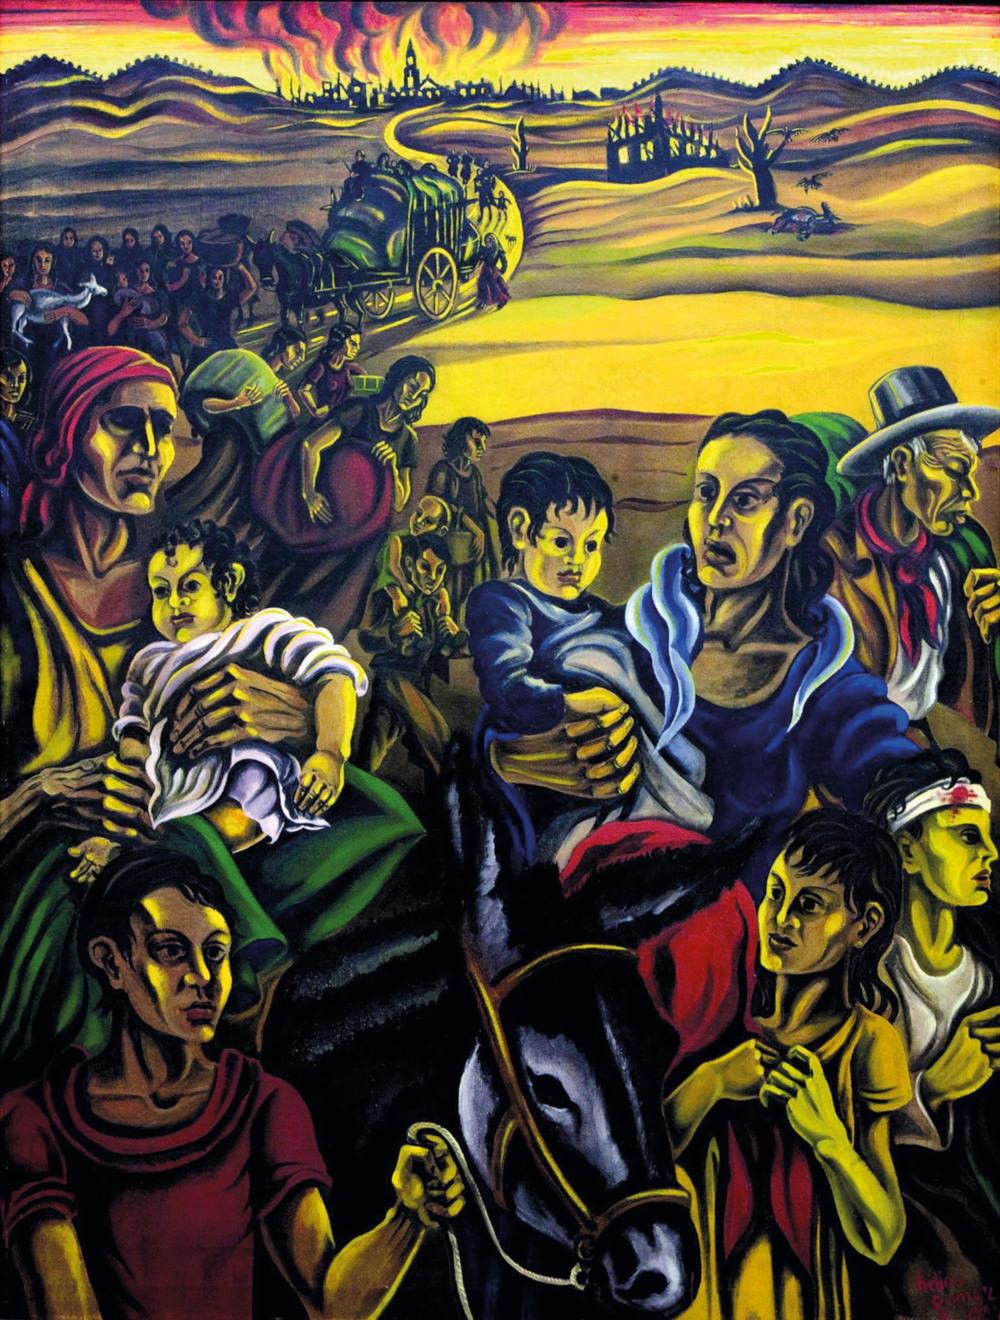 «Evacuación», obra expuesta en el Pabellón de la República Española en la Exposición Internacional de París (1937). Museu Nacional d'Art de Catalunya, depósito de Gabriel Gómez Plana, 2003